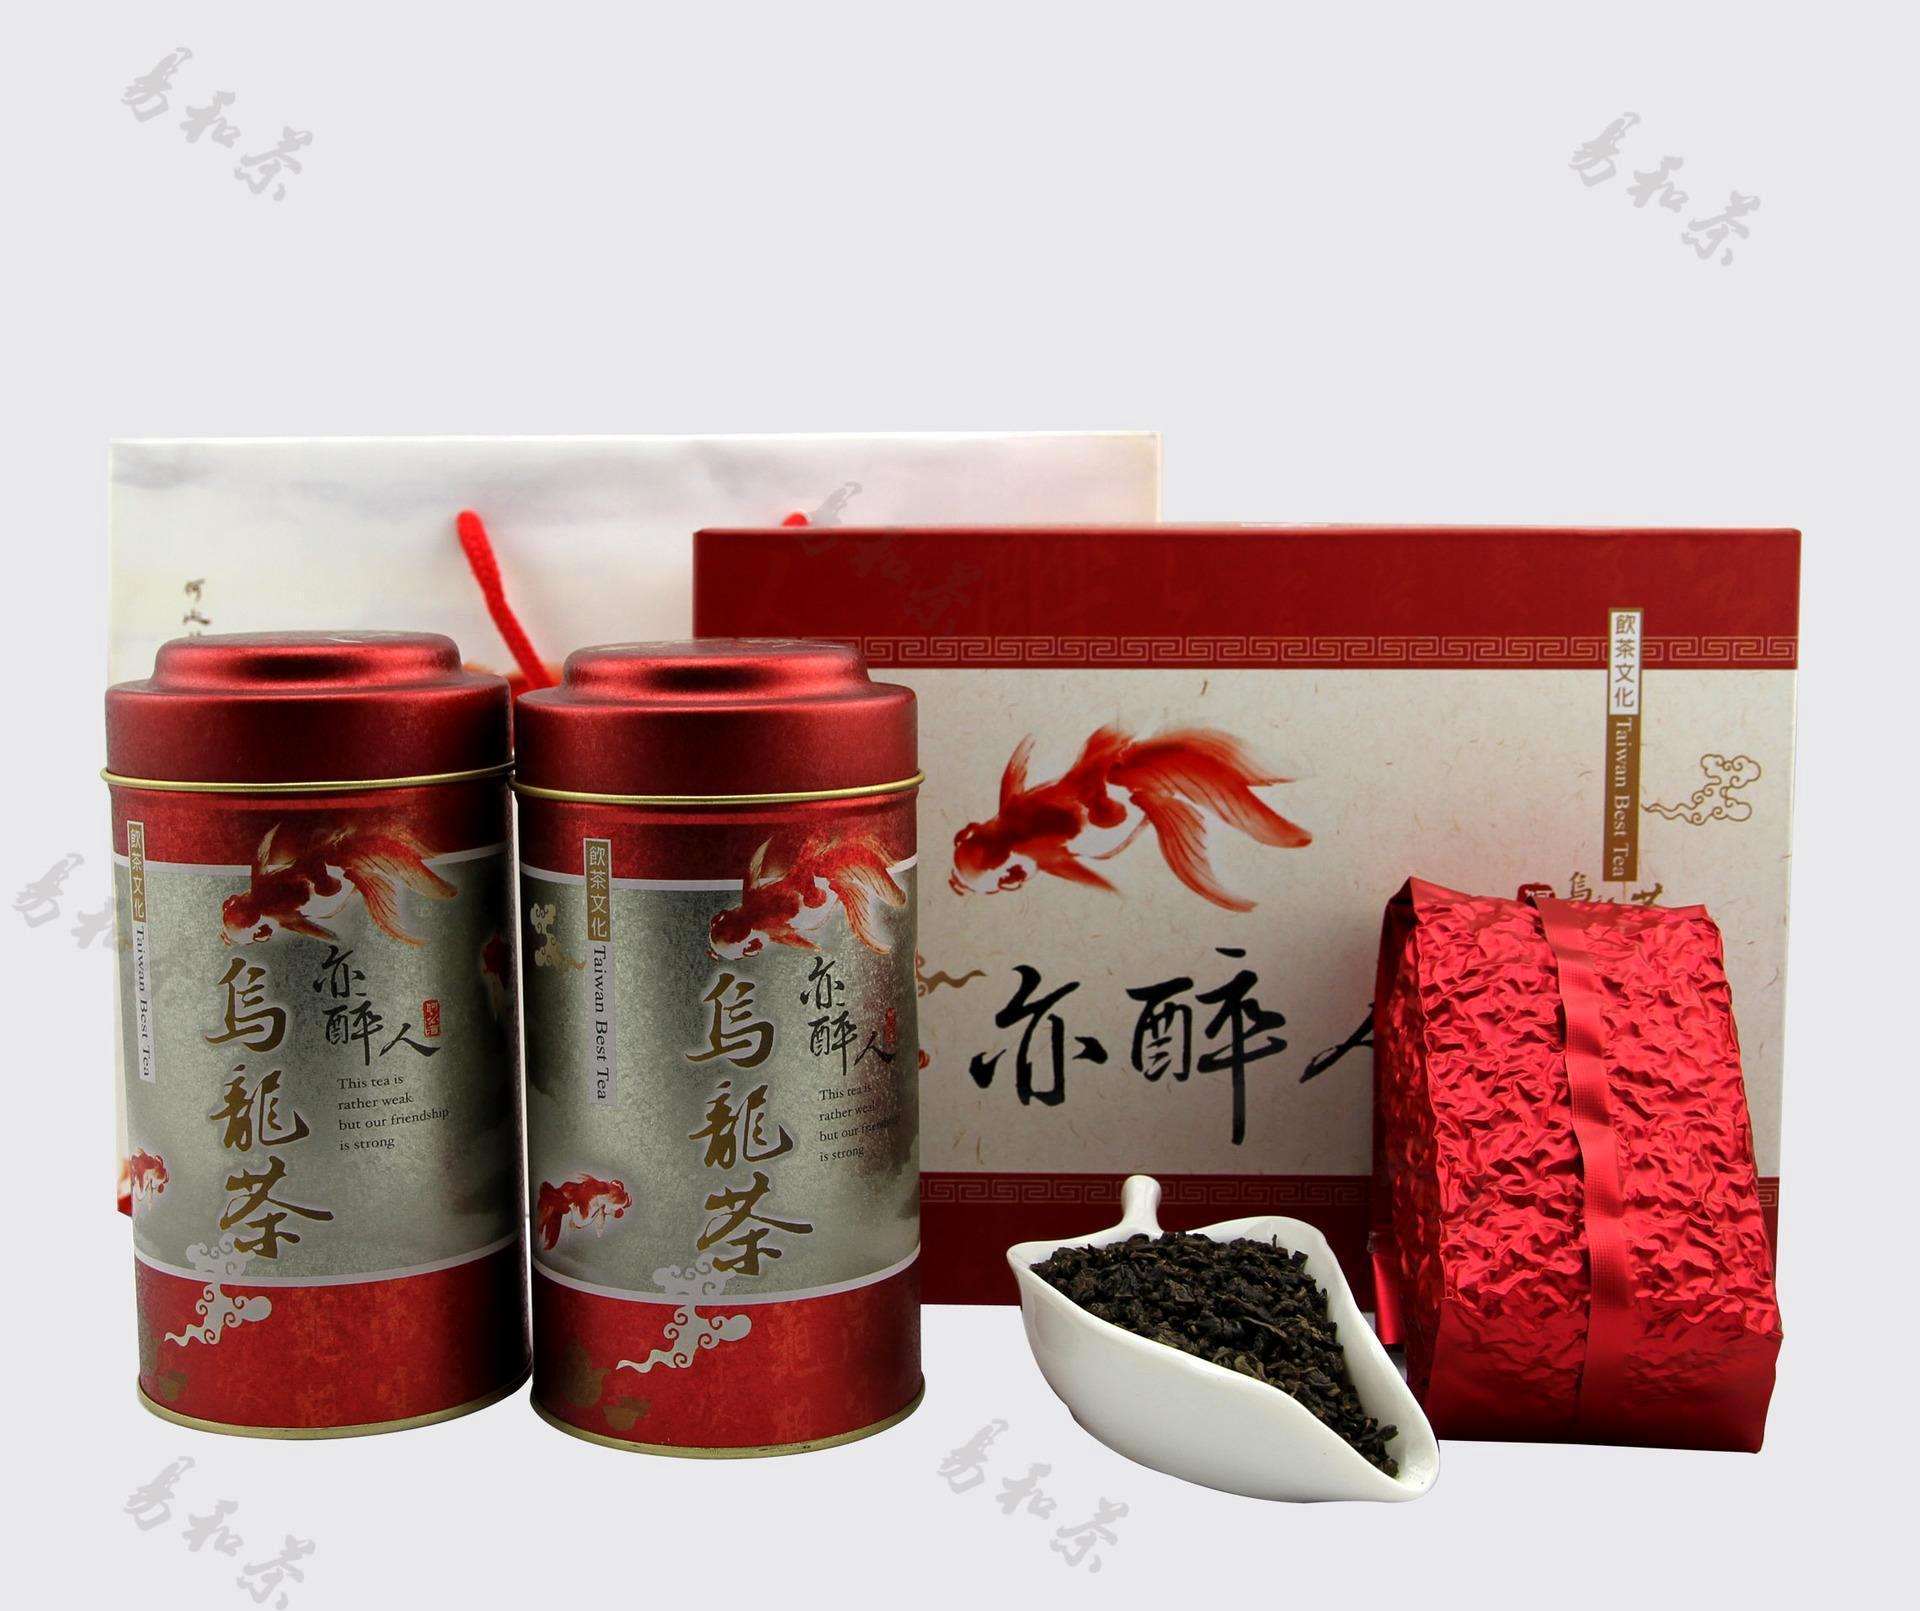 白芽奇兰 平和茶叶 亦醉人礼盒装图片